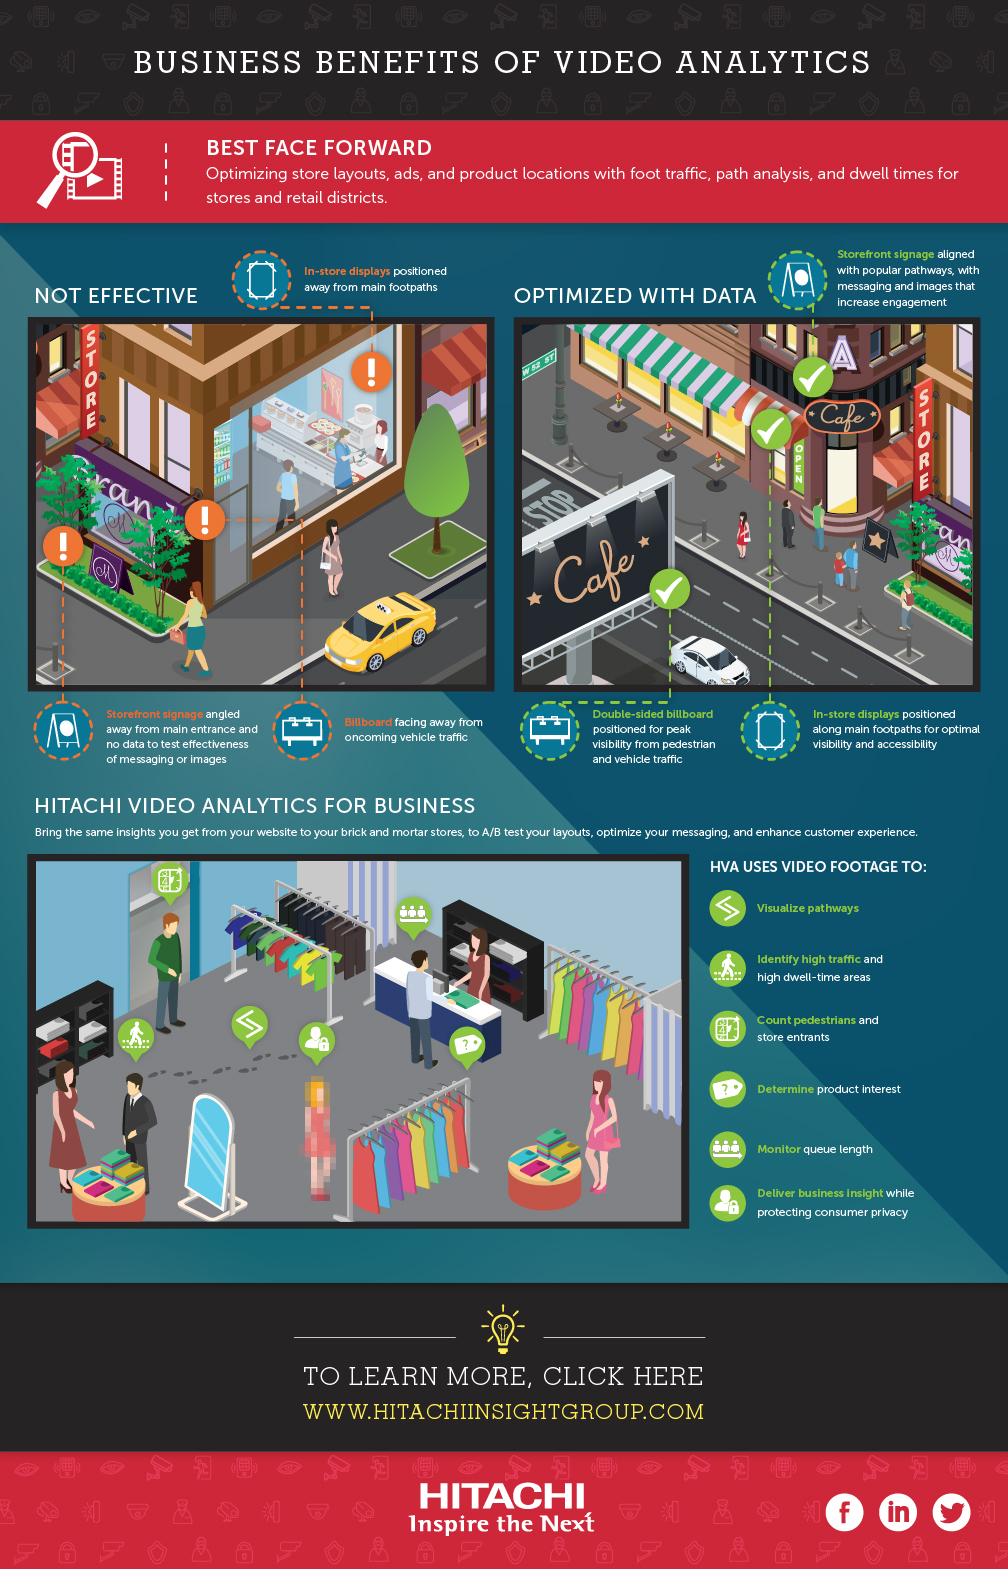 B2B_Hitachi_Infographic_2_R4.png